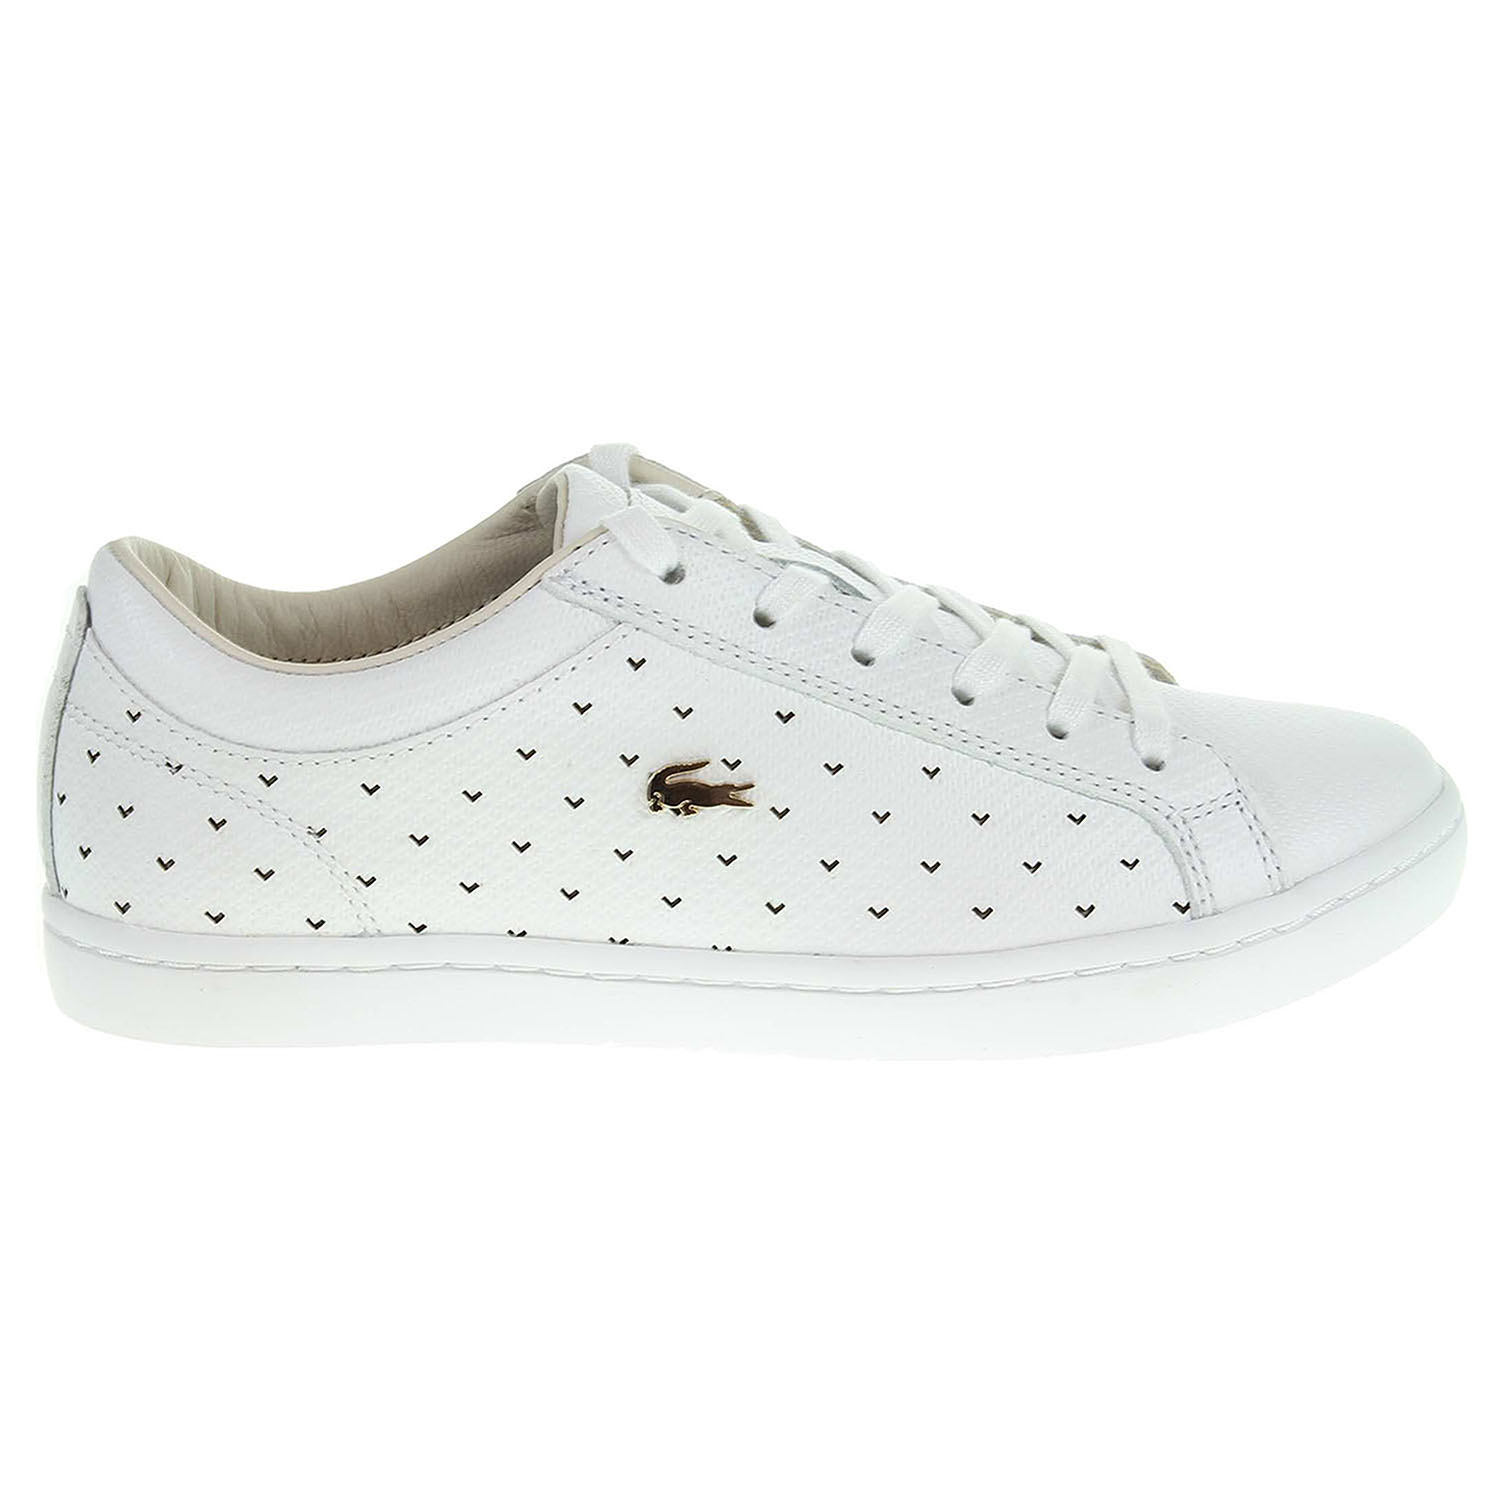 Ecco Lacoste Straightset dámská obuv bílá 23200698